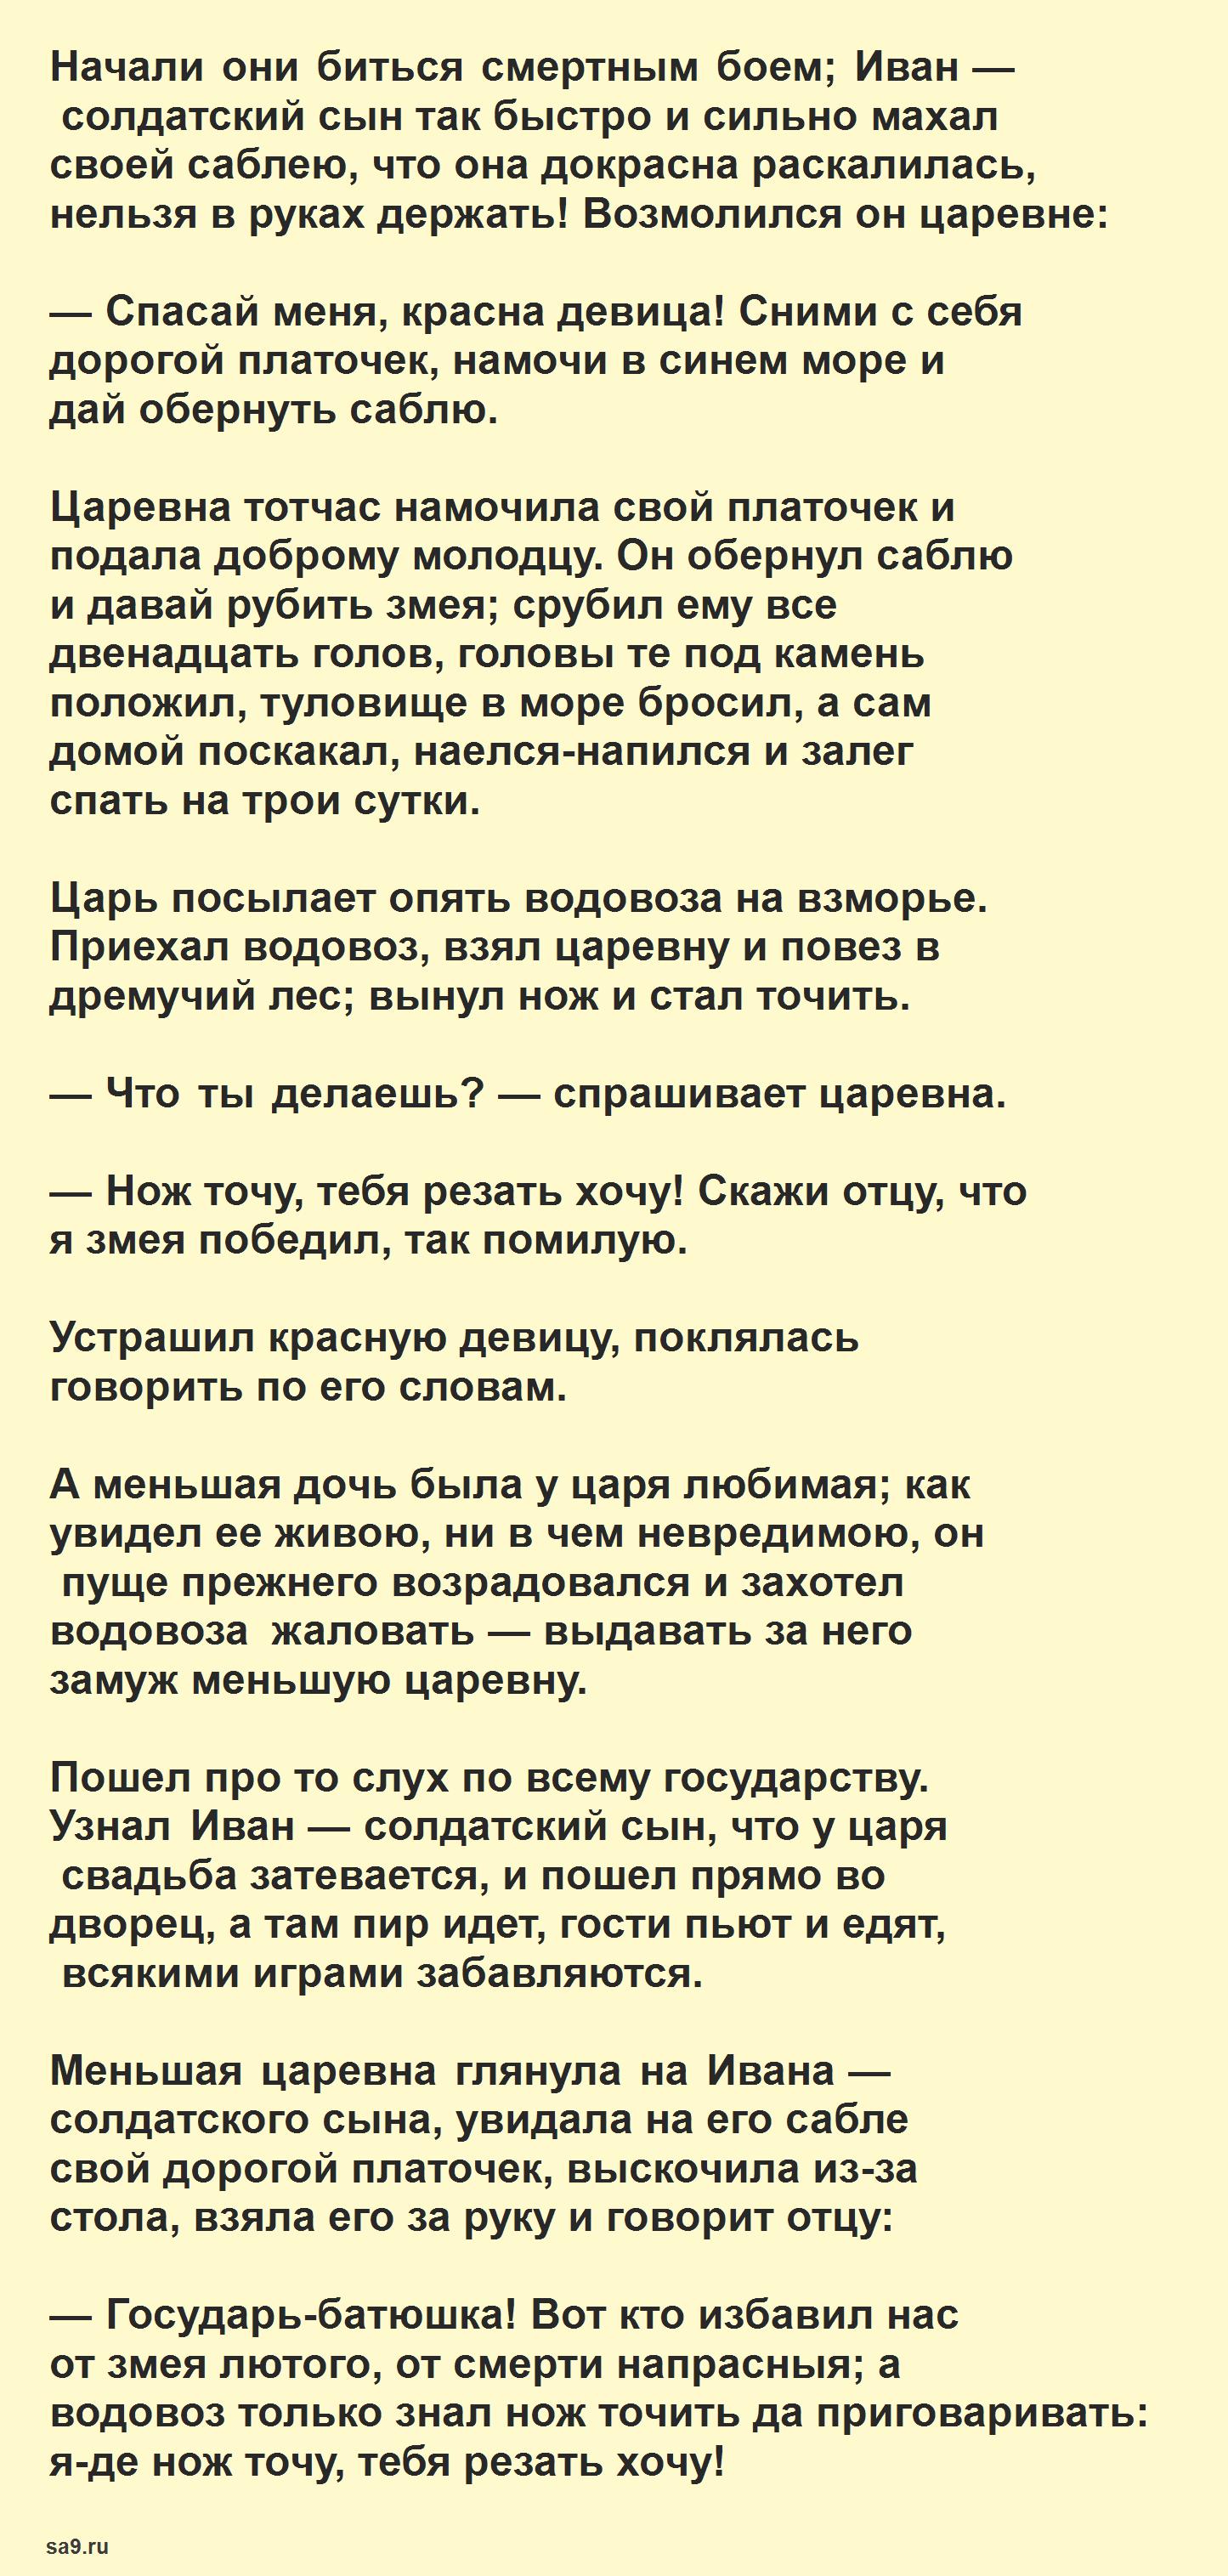 Русская народная сказка - Два Ивана солдатских сына, читать онлайн бесплатно